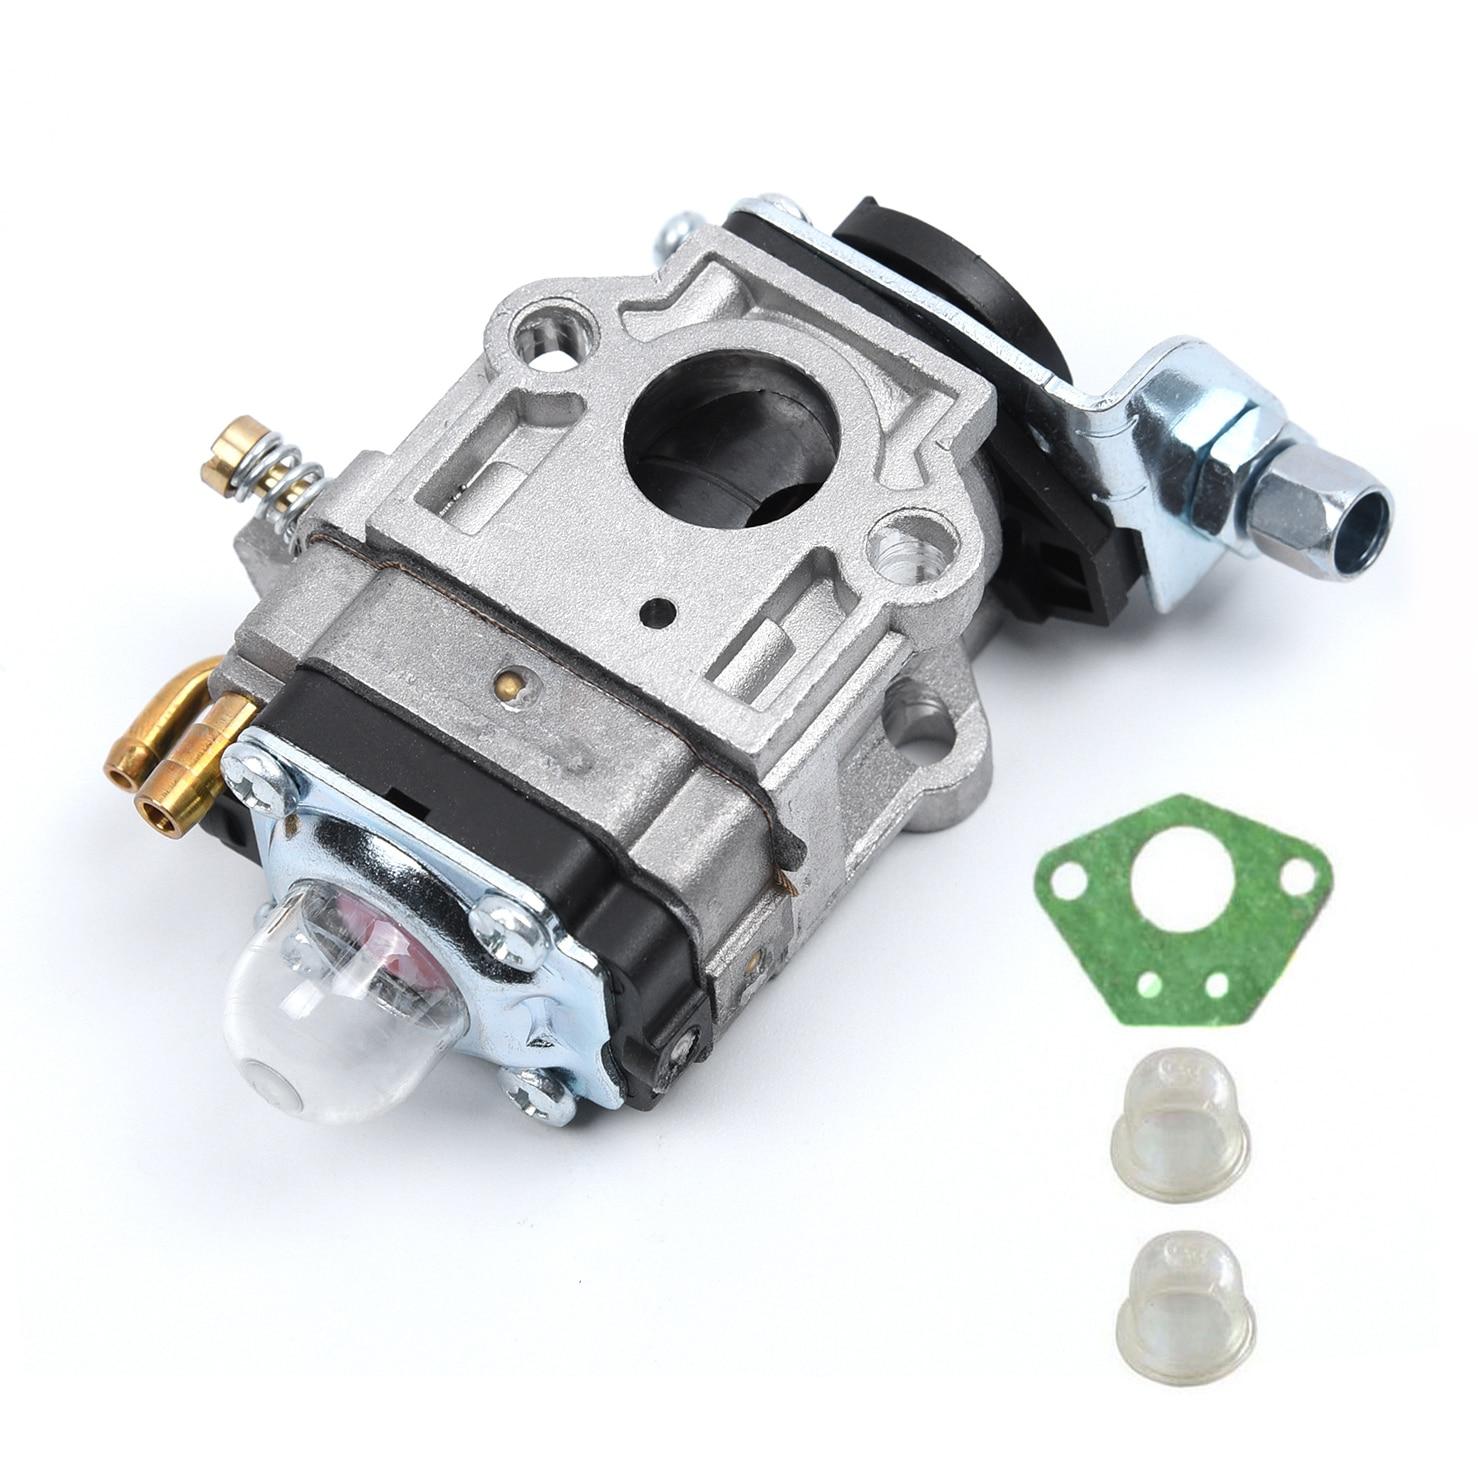 Комплект карбюратора 15 мм для кусторезы 43cc 49cc 52cc Strimmer Cutter, Carb для бензопилы